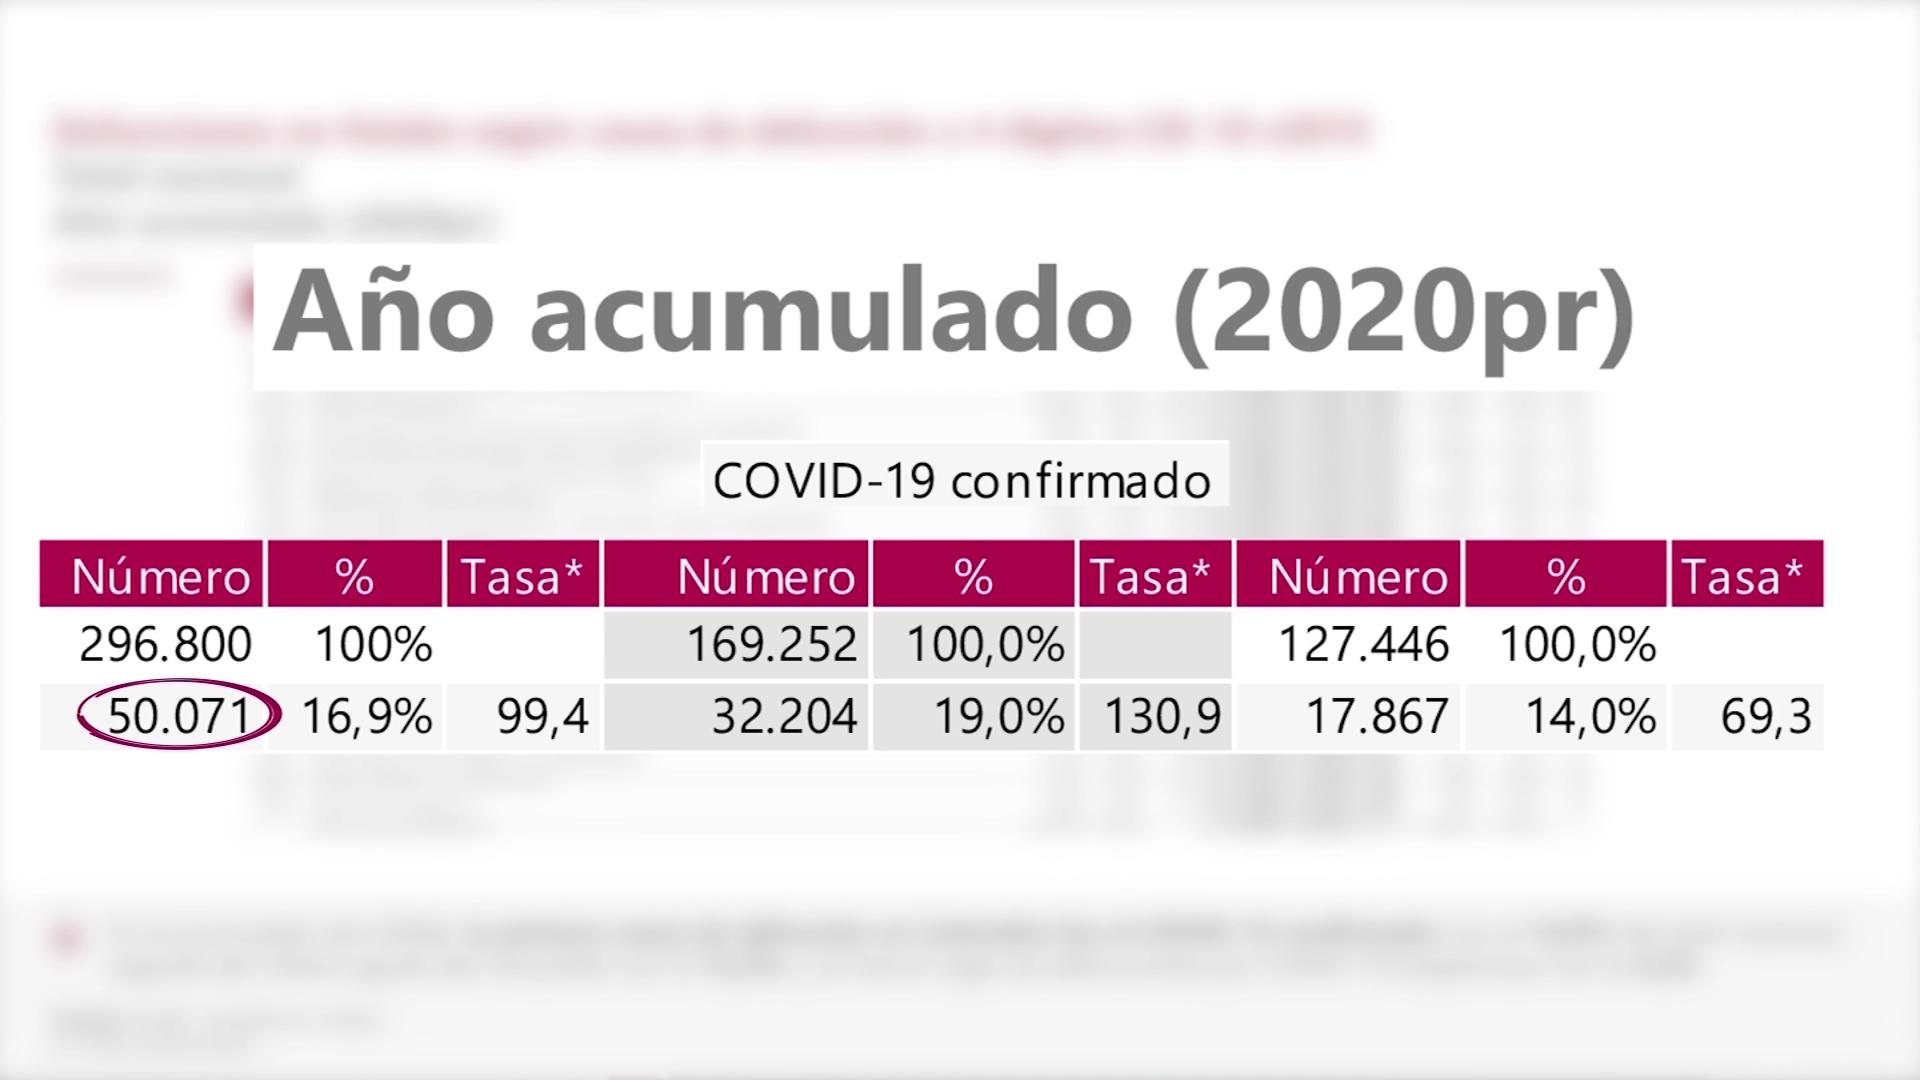 Covid-19 es la primera causa de muerte en Colombia